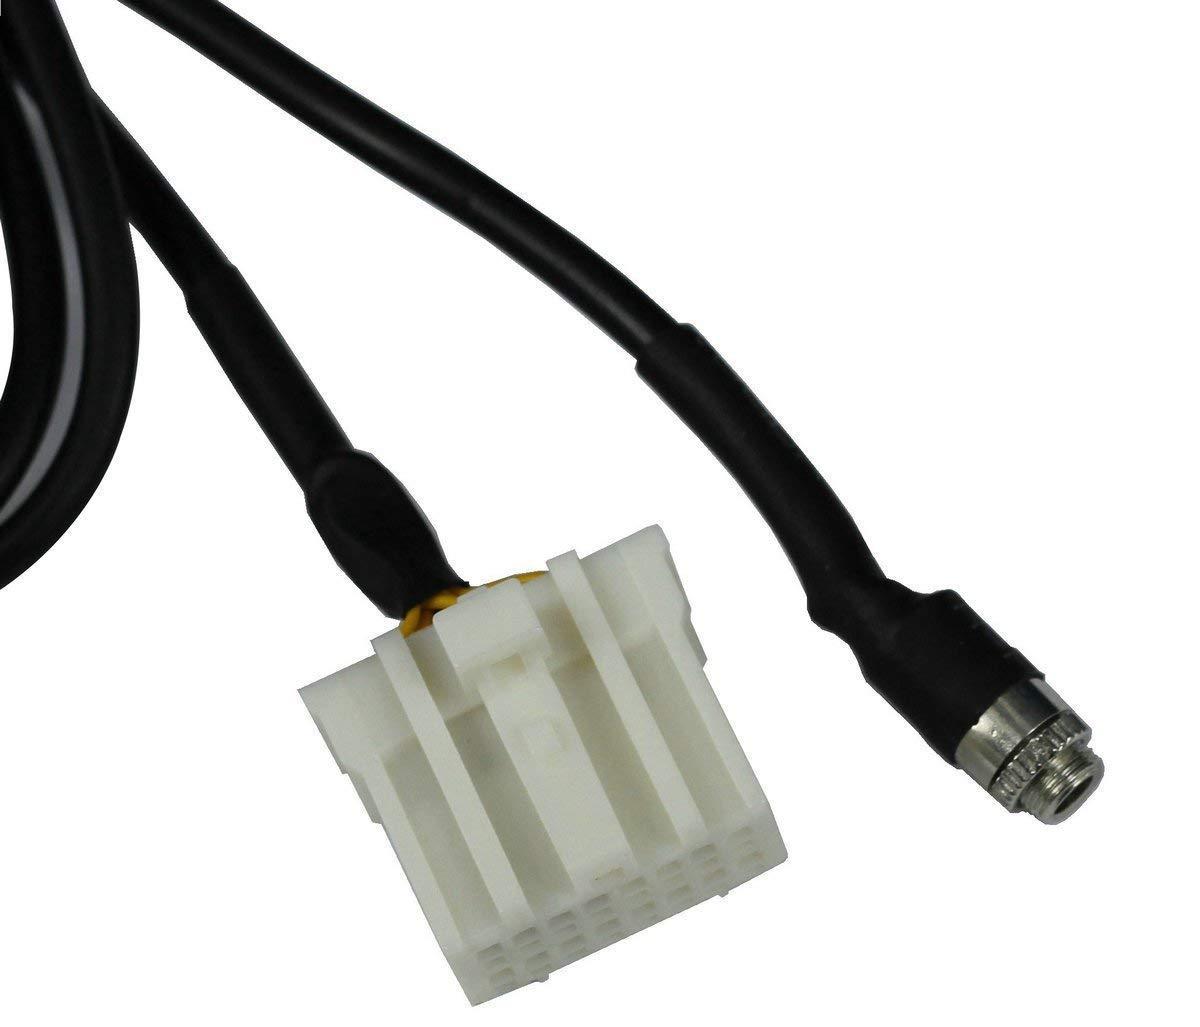 MP3 a Mazda 2 Cable Adaptador de Audio Hembra para iPod iPhone 4 5 MX-5 5 3 RX8 Eidoct AUX 5S 6 4S